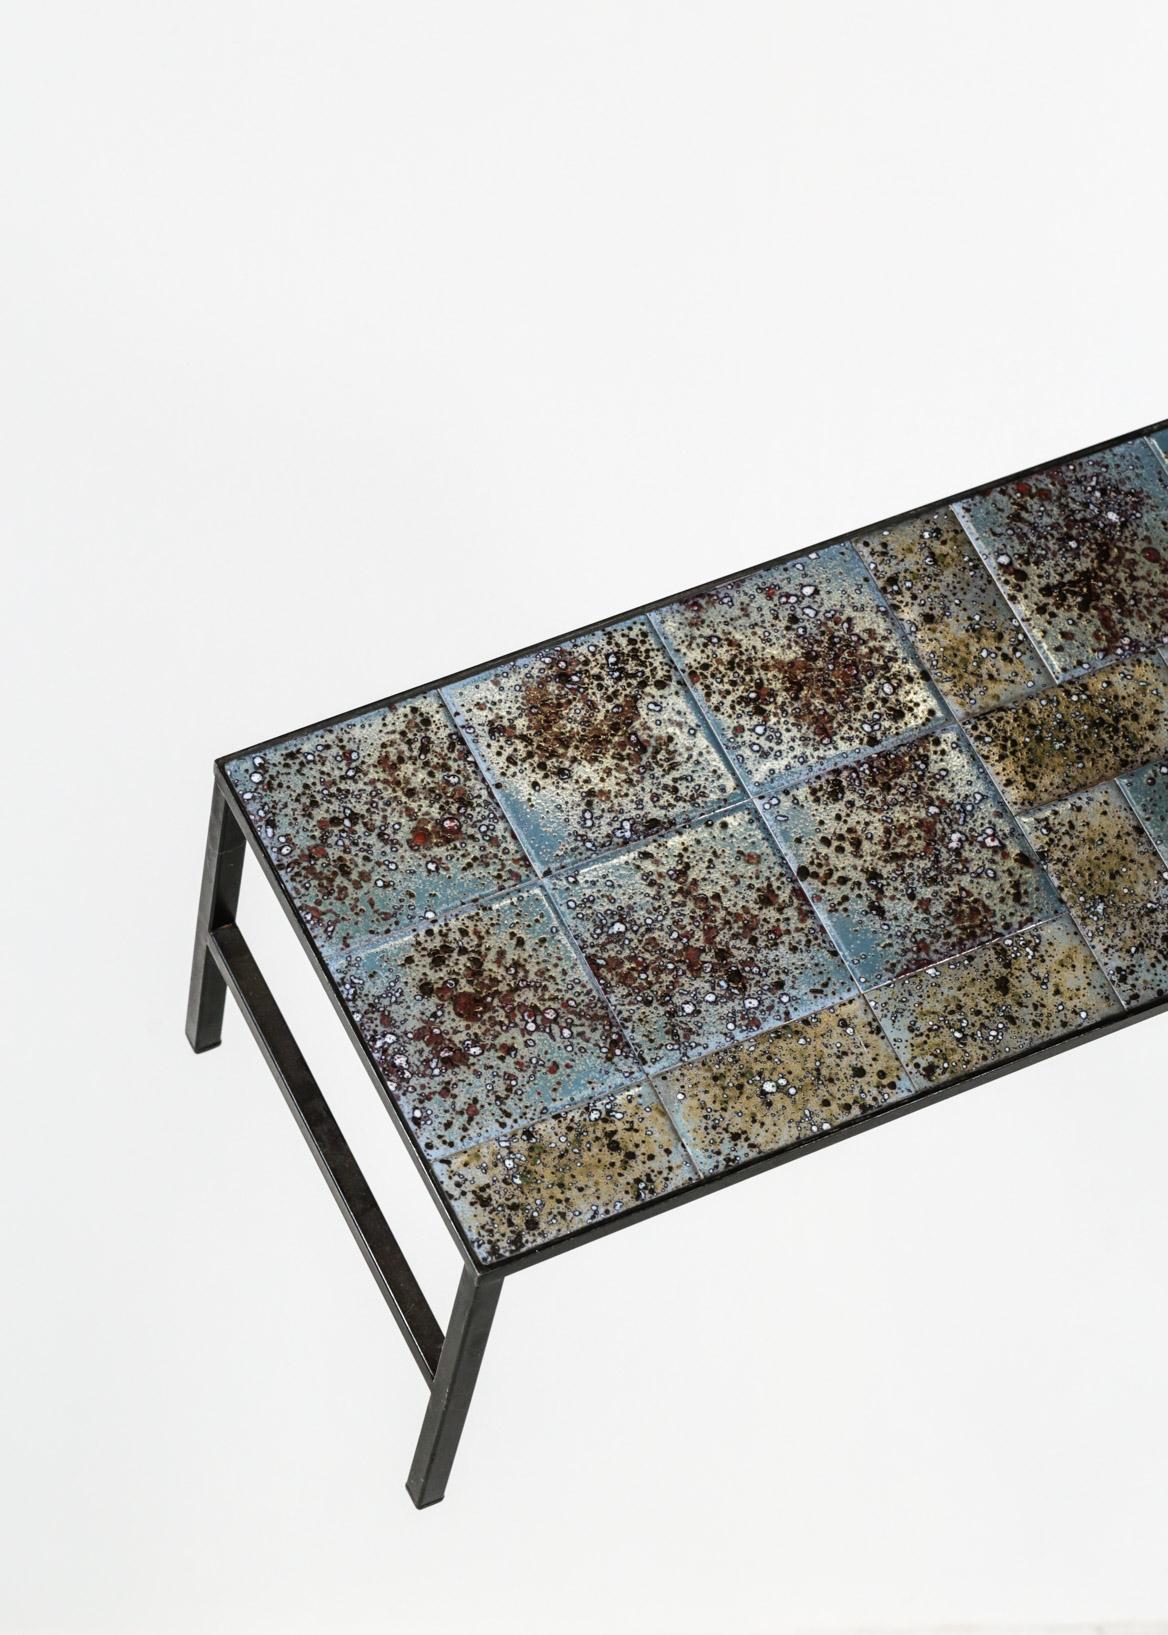 table basse c ramique serge jamet francais design danke galerie. Black Bedroom Furniture Sets. Home Design Ideas